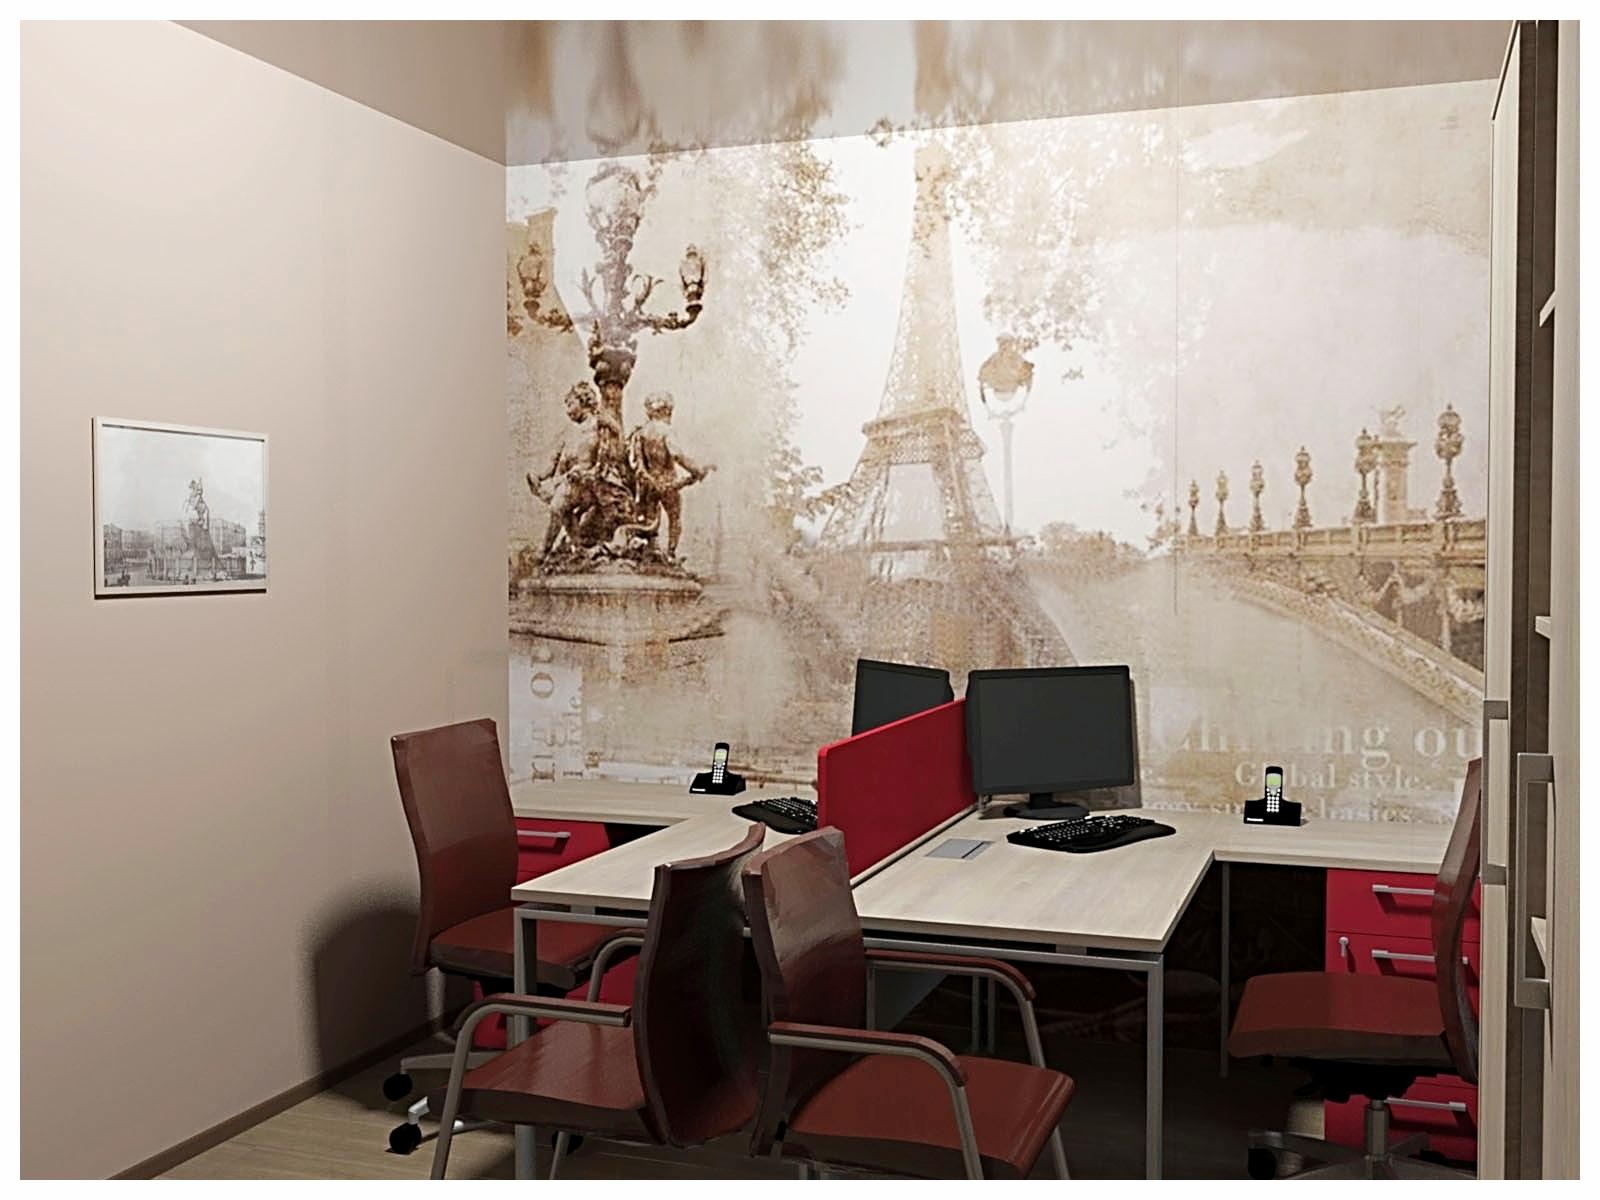 Дизайн интерьеров офиса. Кабинет на первом этаже 1.